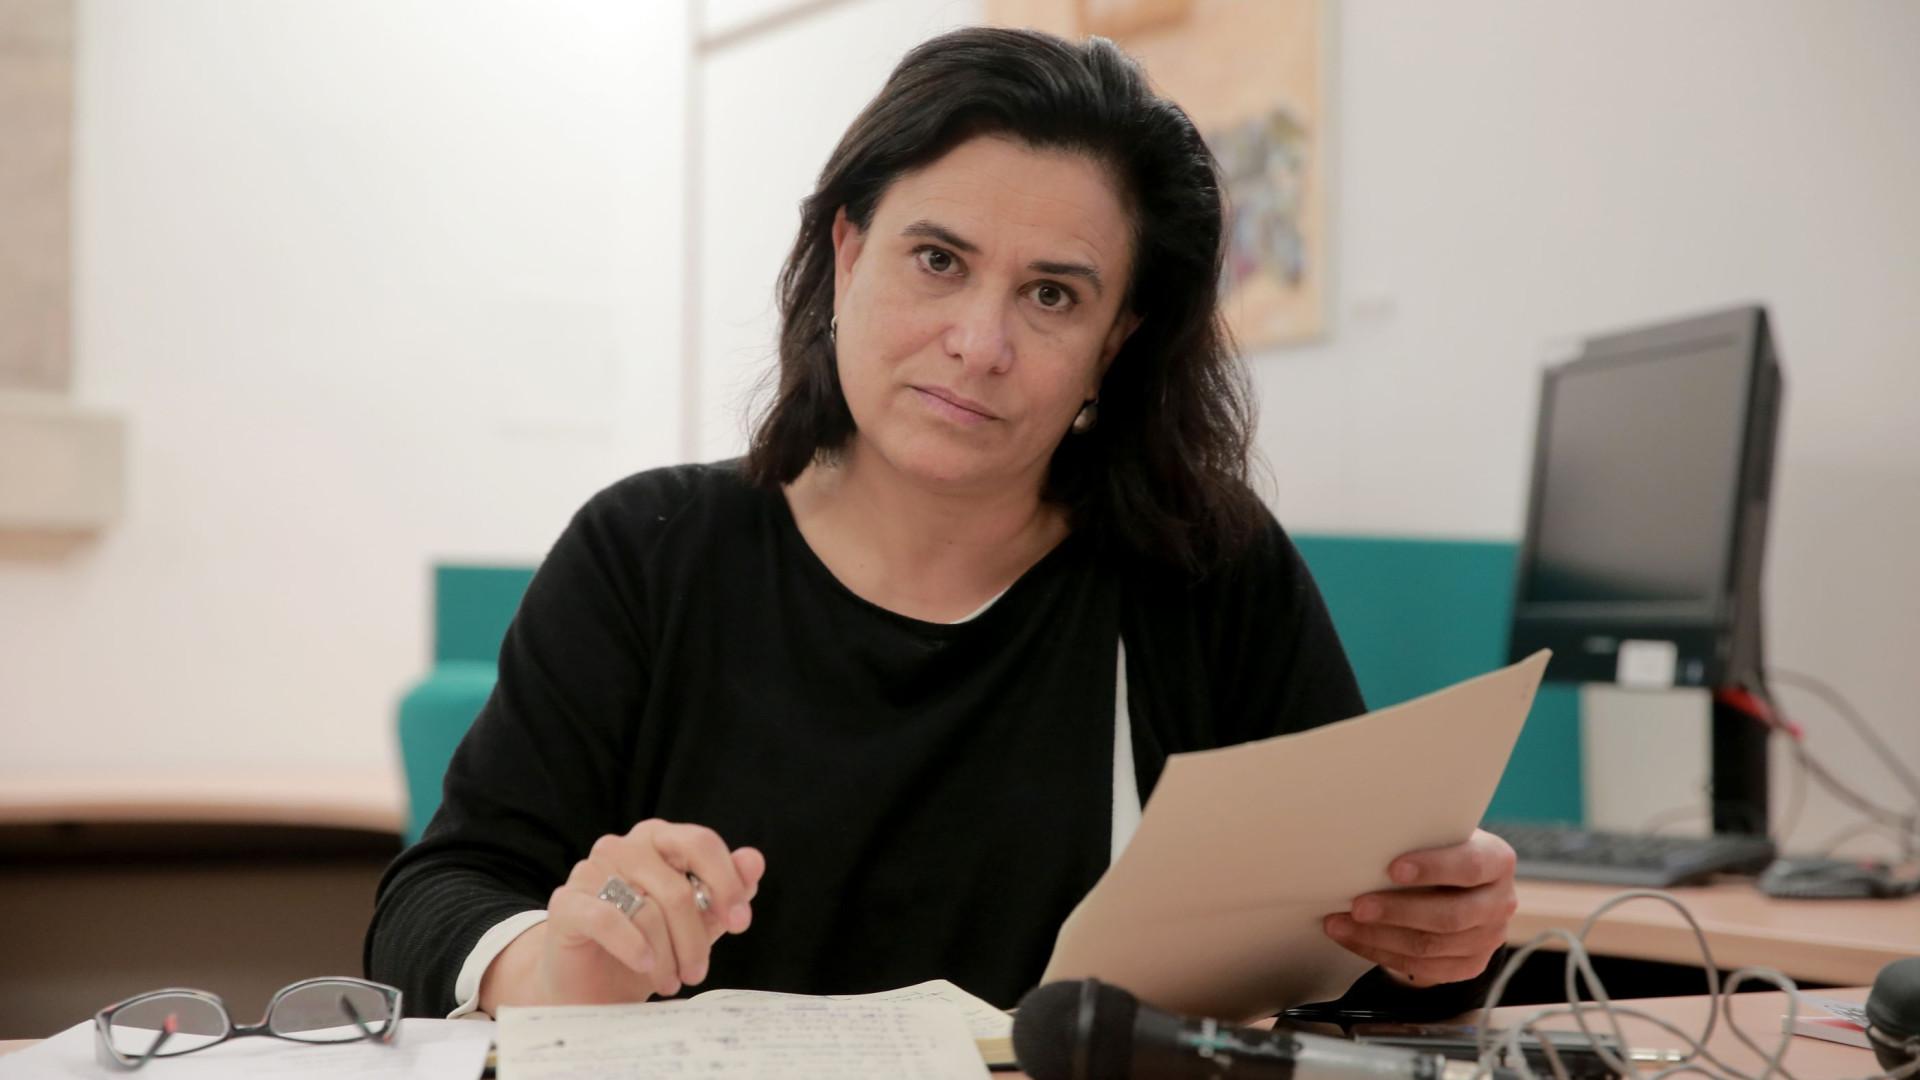 Maria Flor Pedroso nomeada diretora de informação da RTP